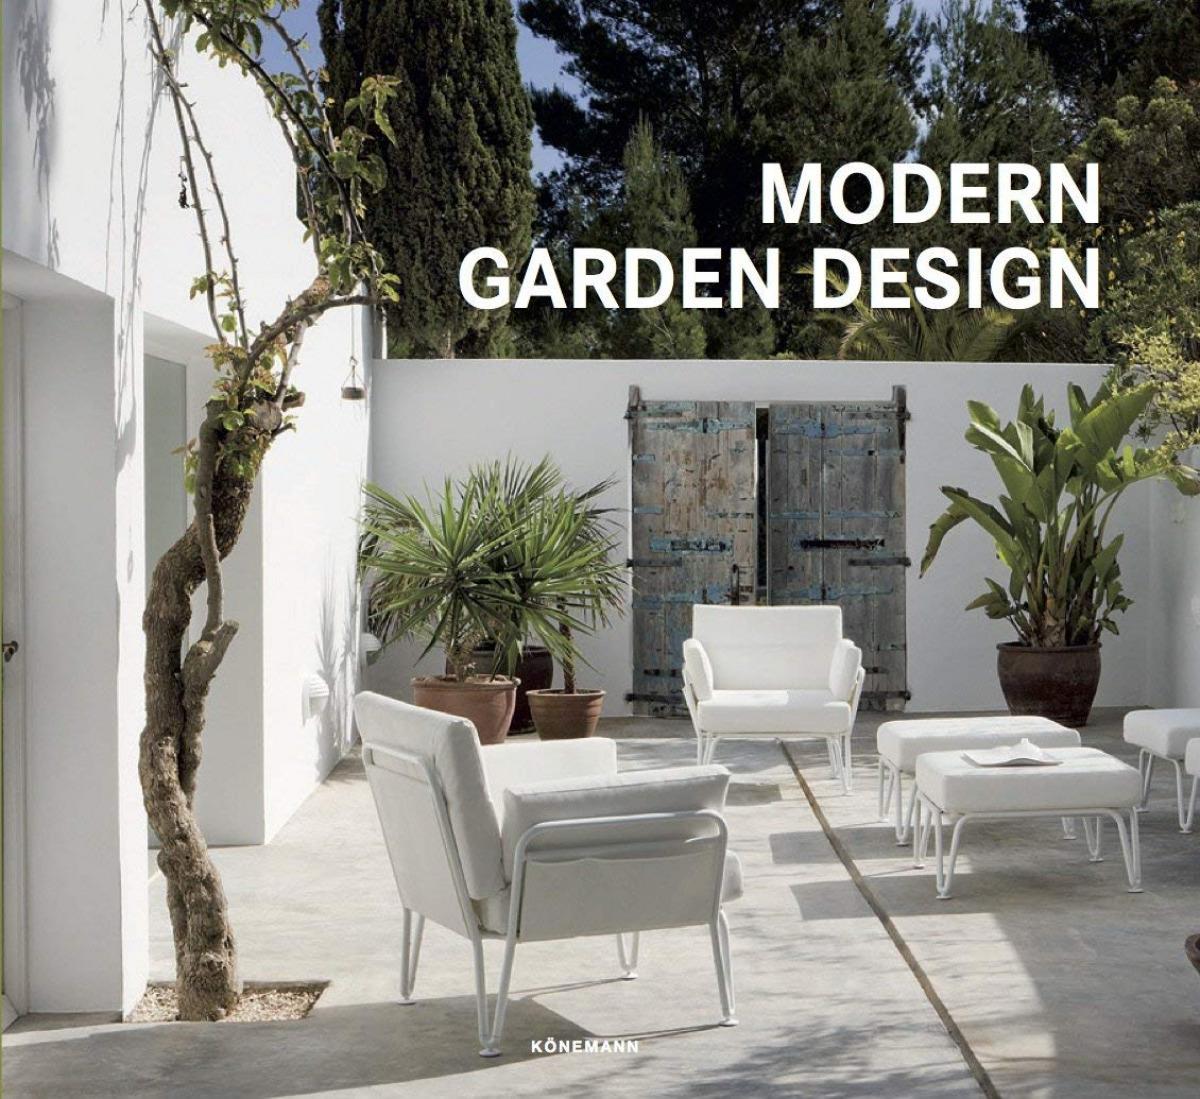 MODERN GARDEN DESIGN 9783741920516